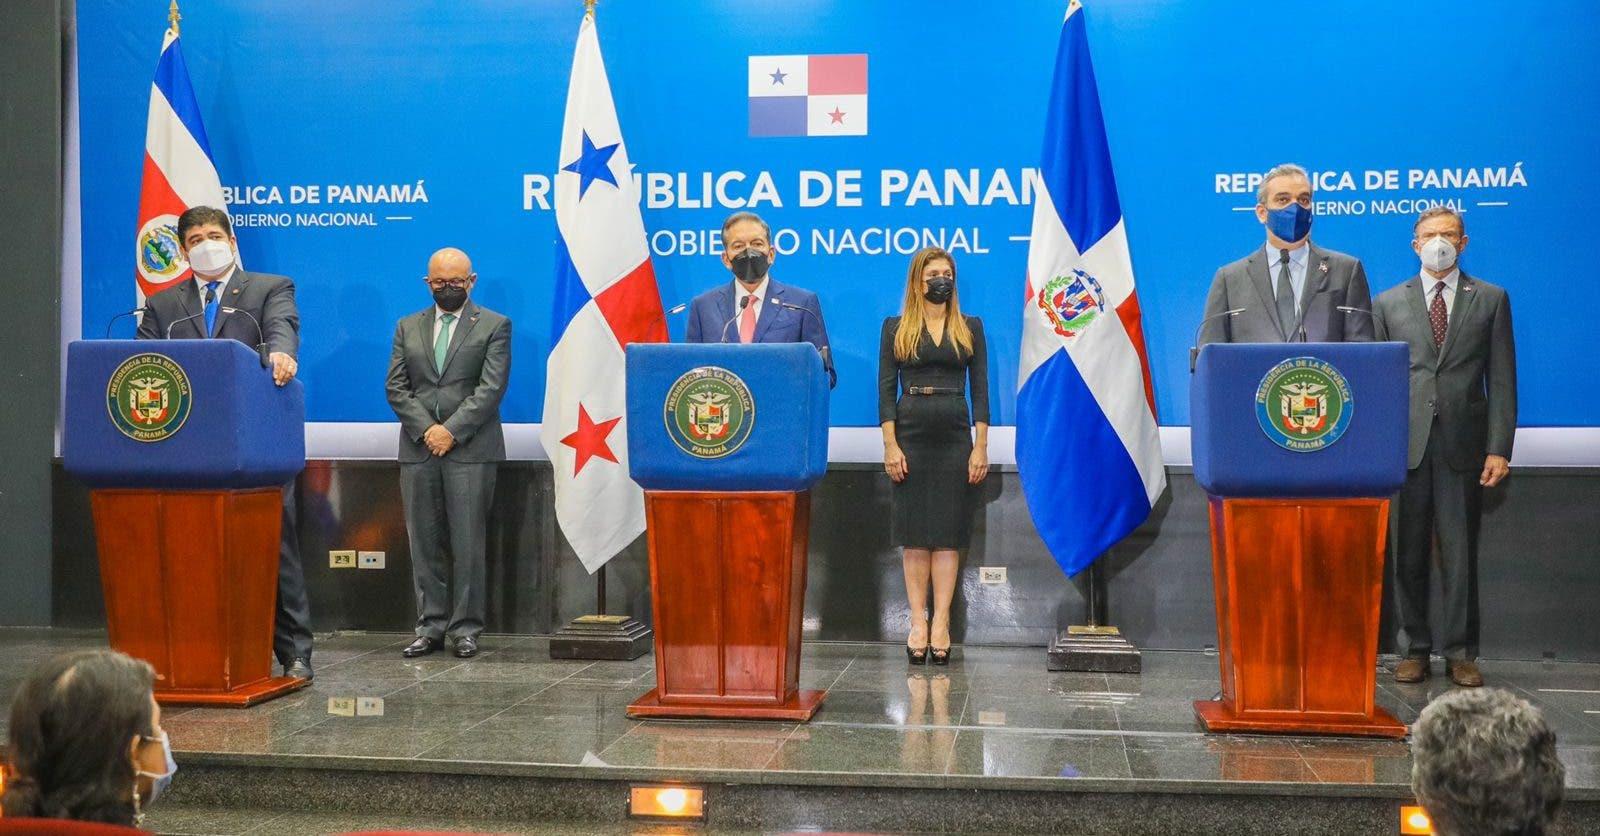 República Dominicana, Costa Rica y Panamá proponen acciones urgentes a favor de Haití